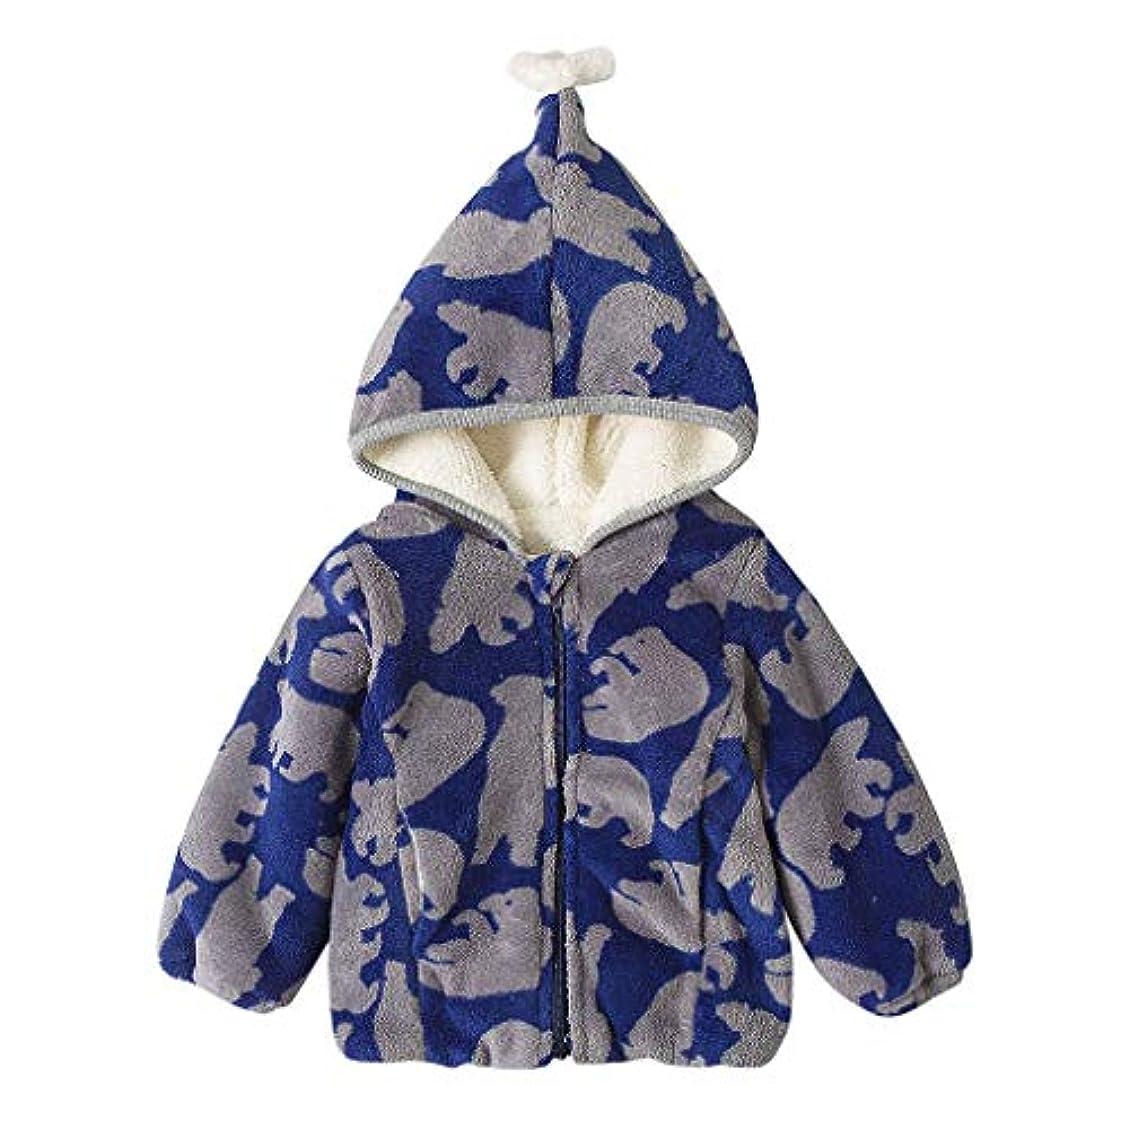 歯痛爪先祖かわいい柄あたたかい男の子女の子赤ちゃん冬コートジャケット子供ジップ厚いスノースーツパーカーオーバーコート屋外かわいいルースソフト快適なブラウストップス